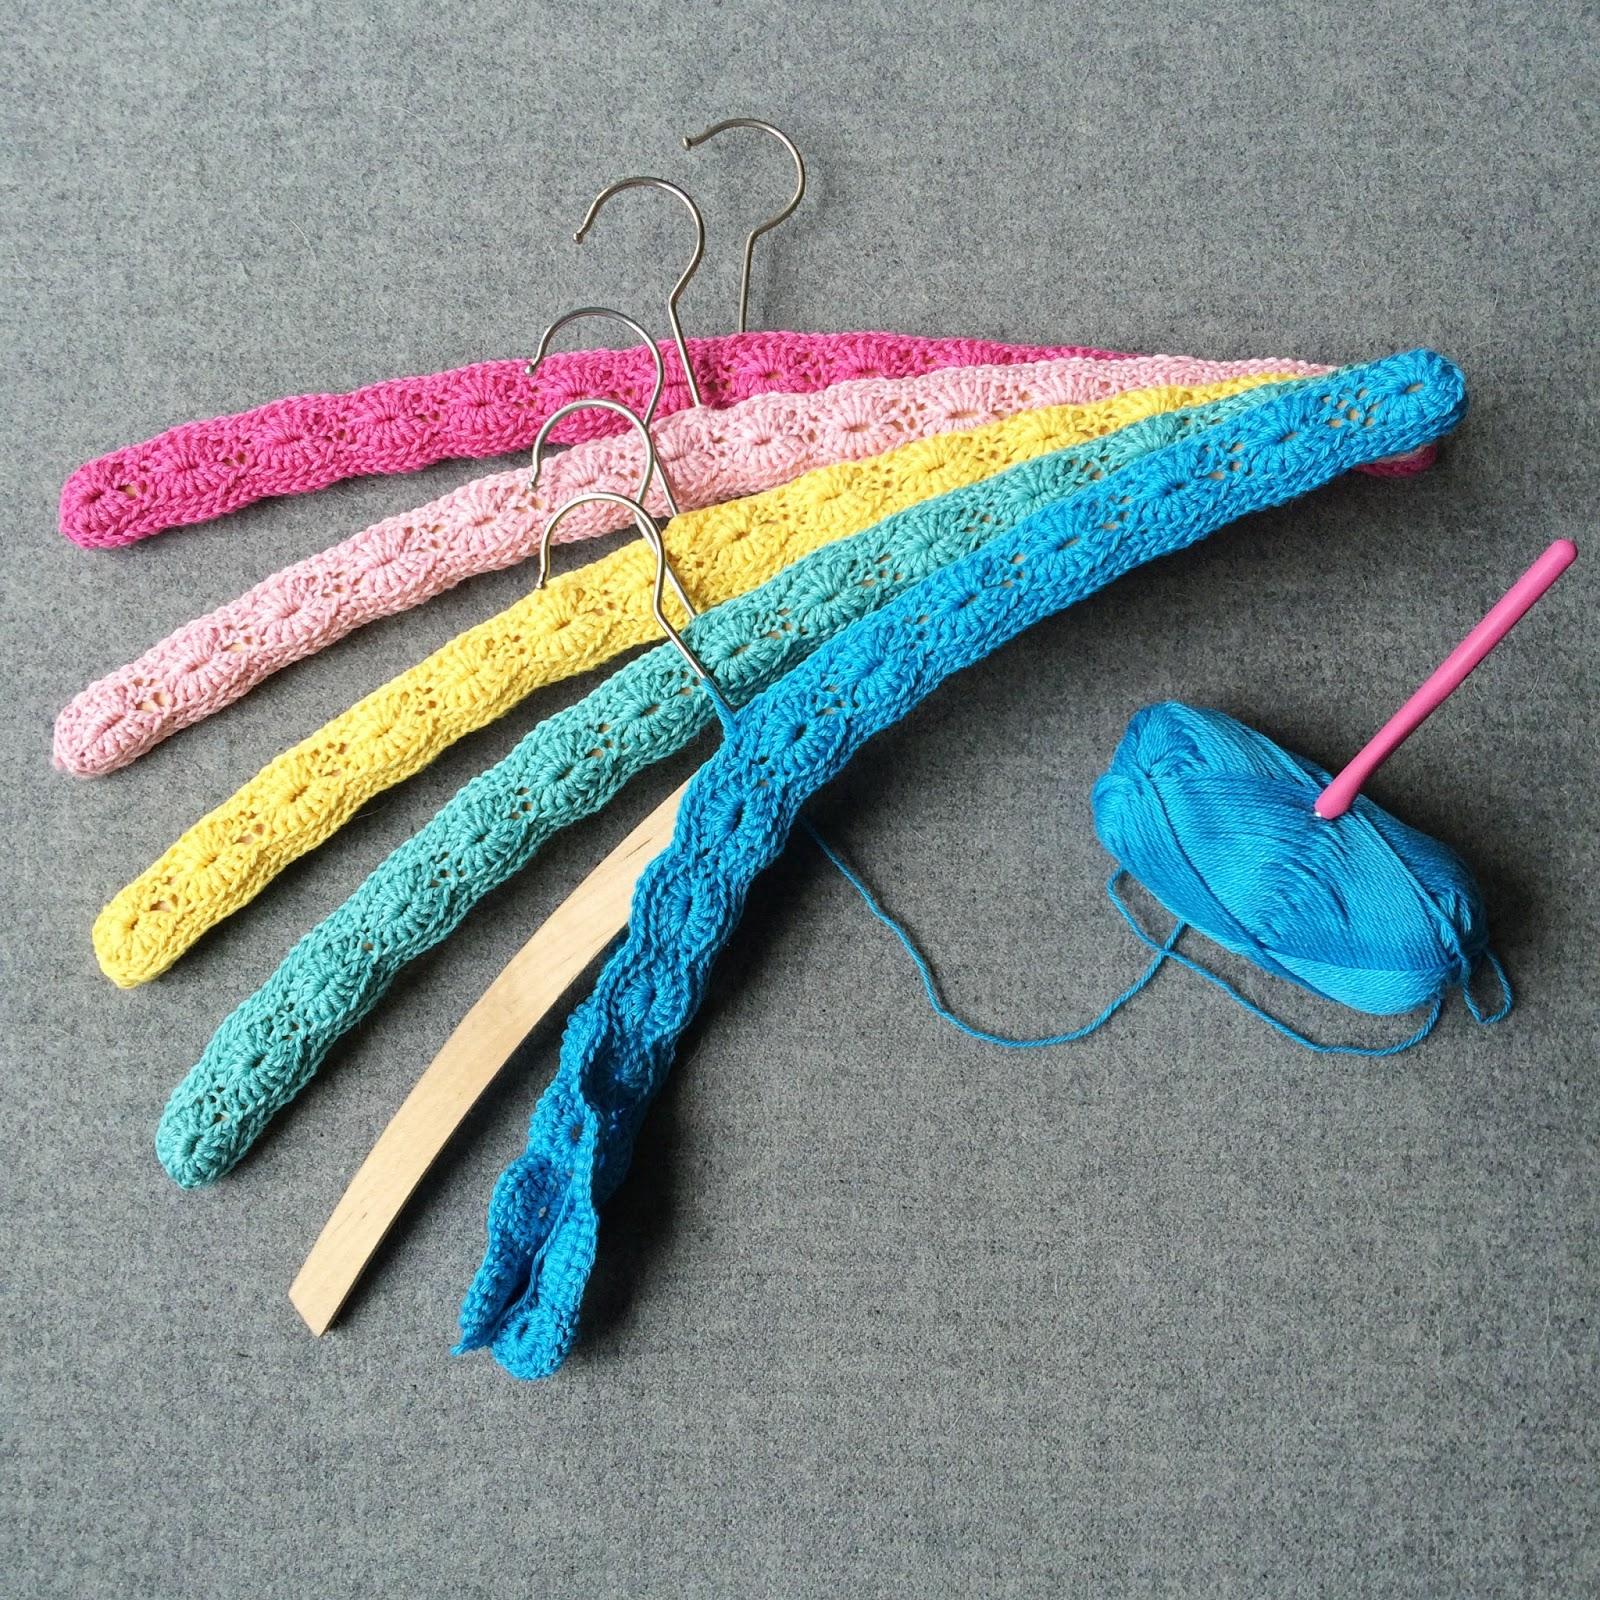 http://herskalvibyggeogbo.blogspot.com/2014/07/hekla-kleshengertrekk-crochet-wooden.html